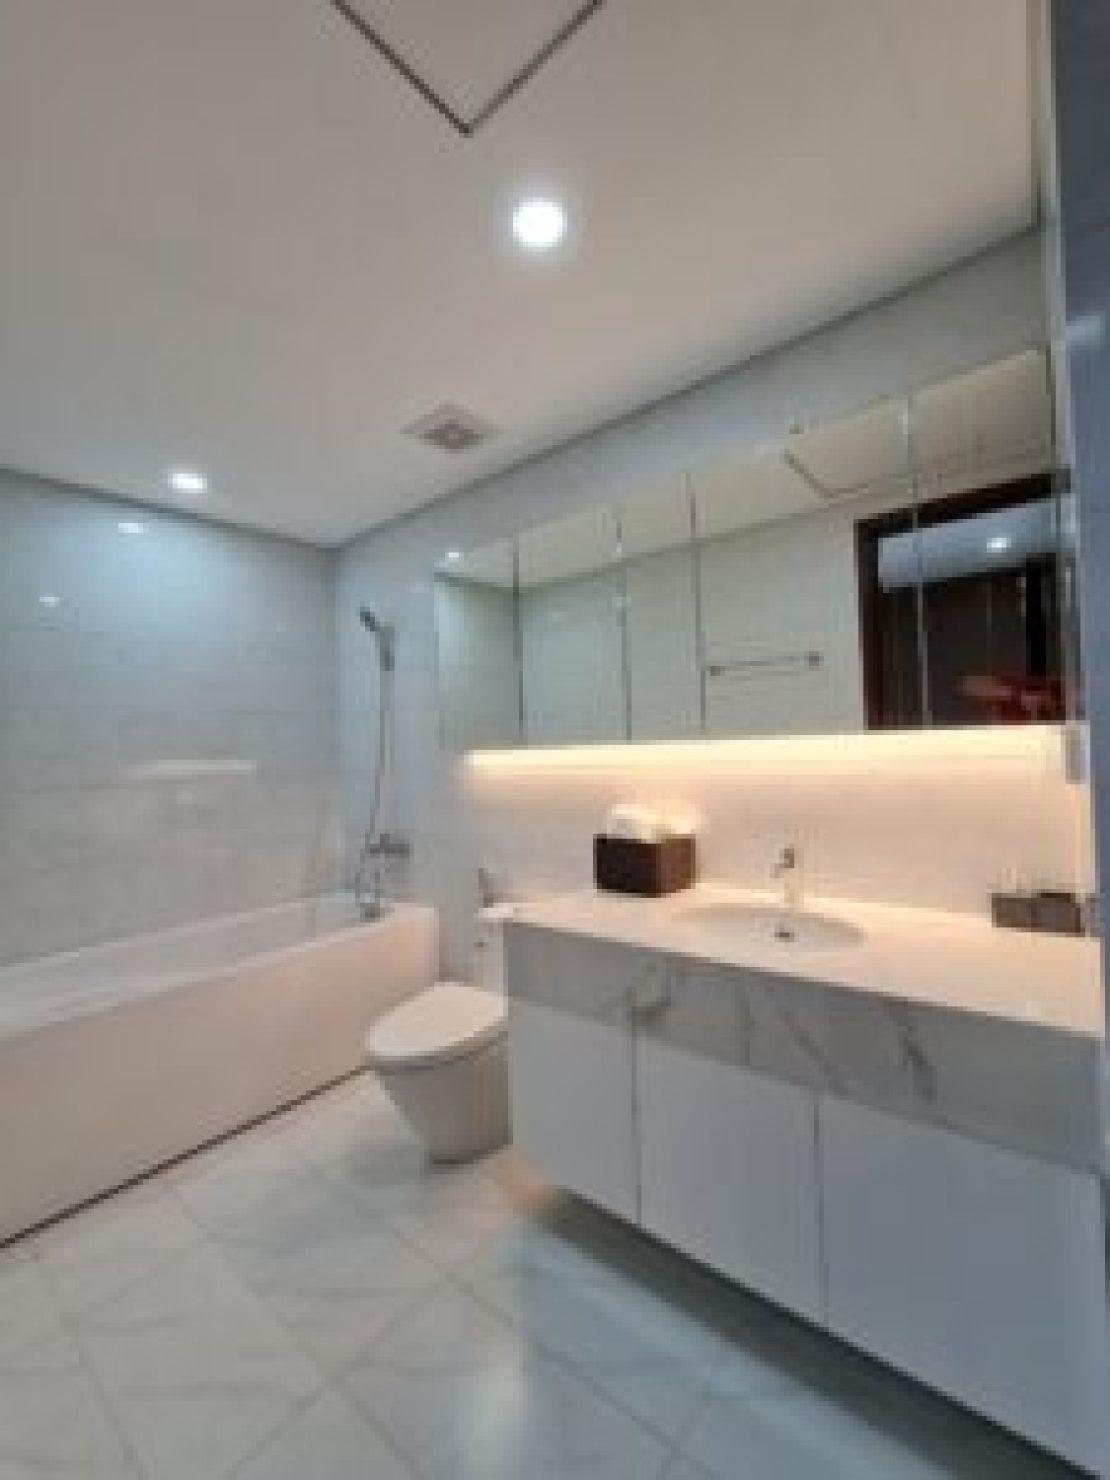 nhà tắm phương đông trần thủ độ